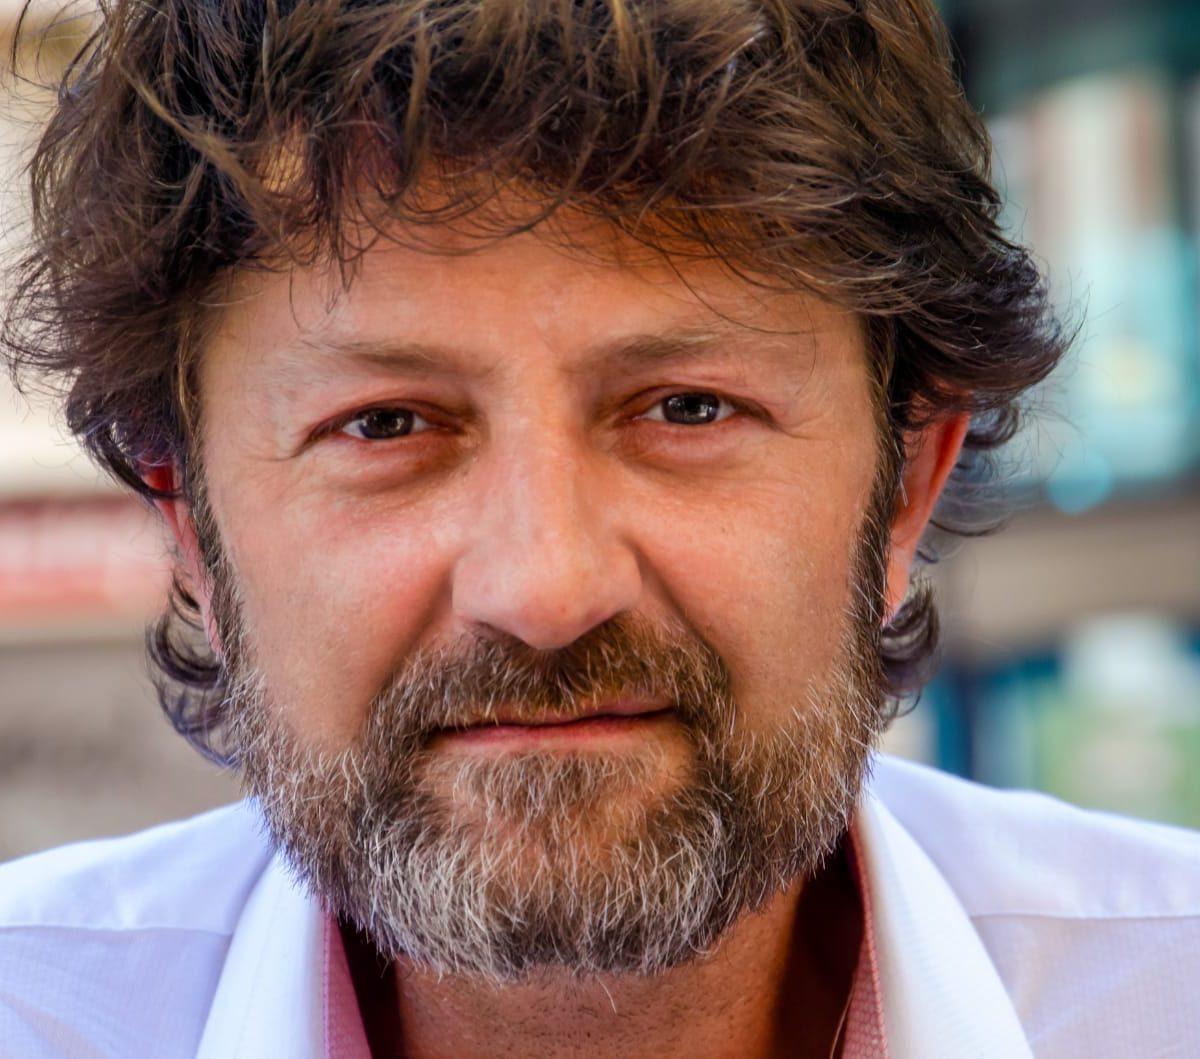 Ángel Vega